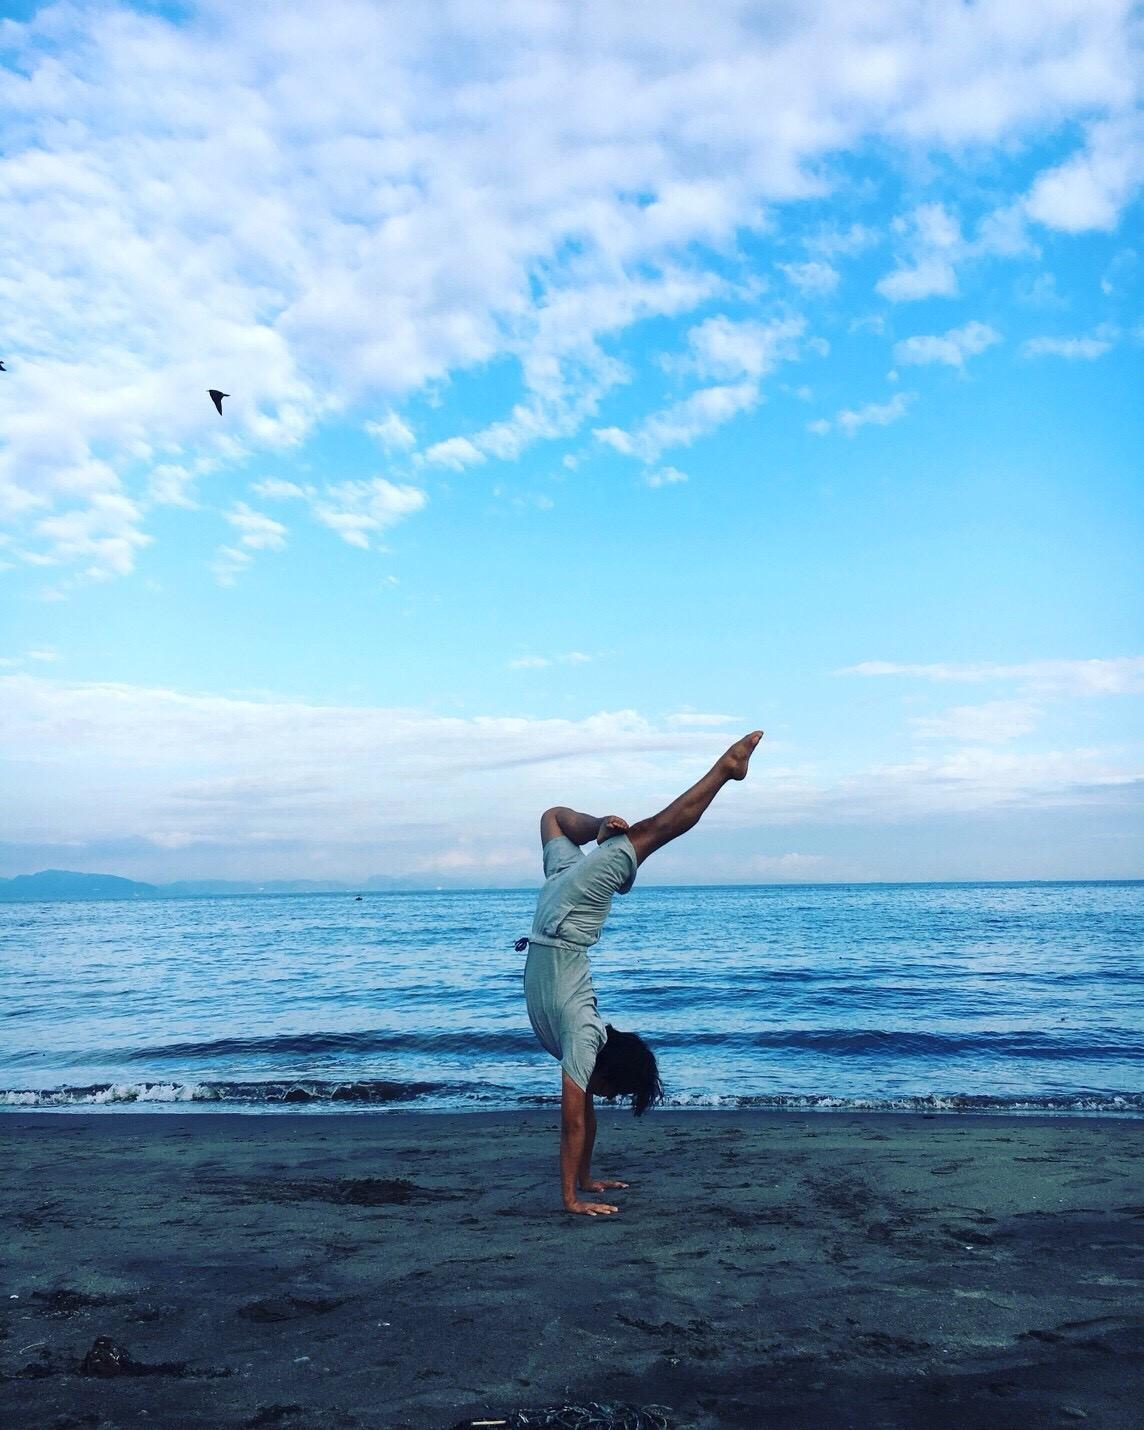 「今ここ・ハーモニー」をテーマに、Yoga・瞑想を楽しむ。